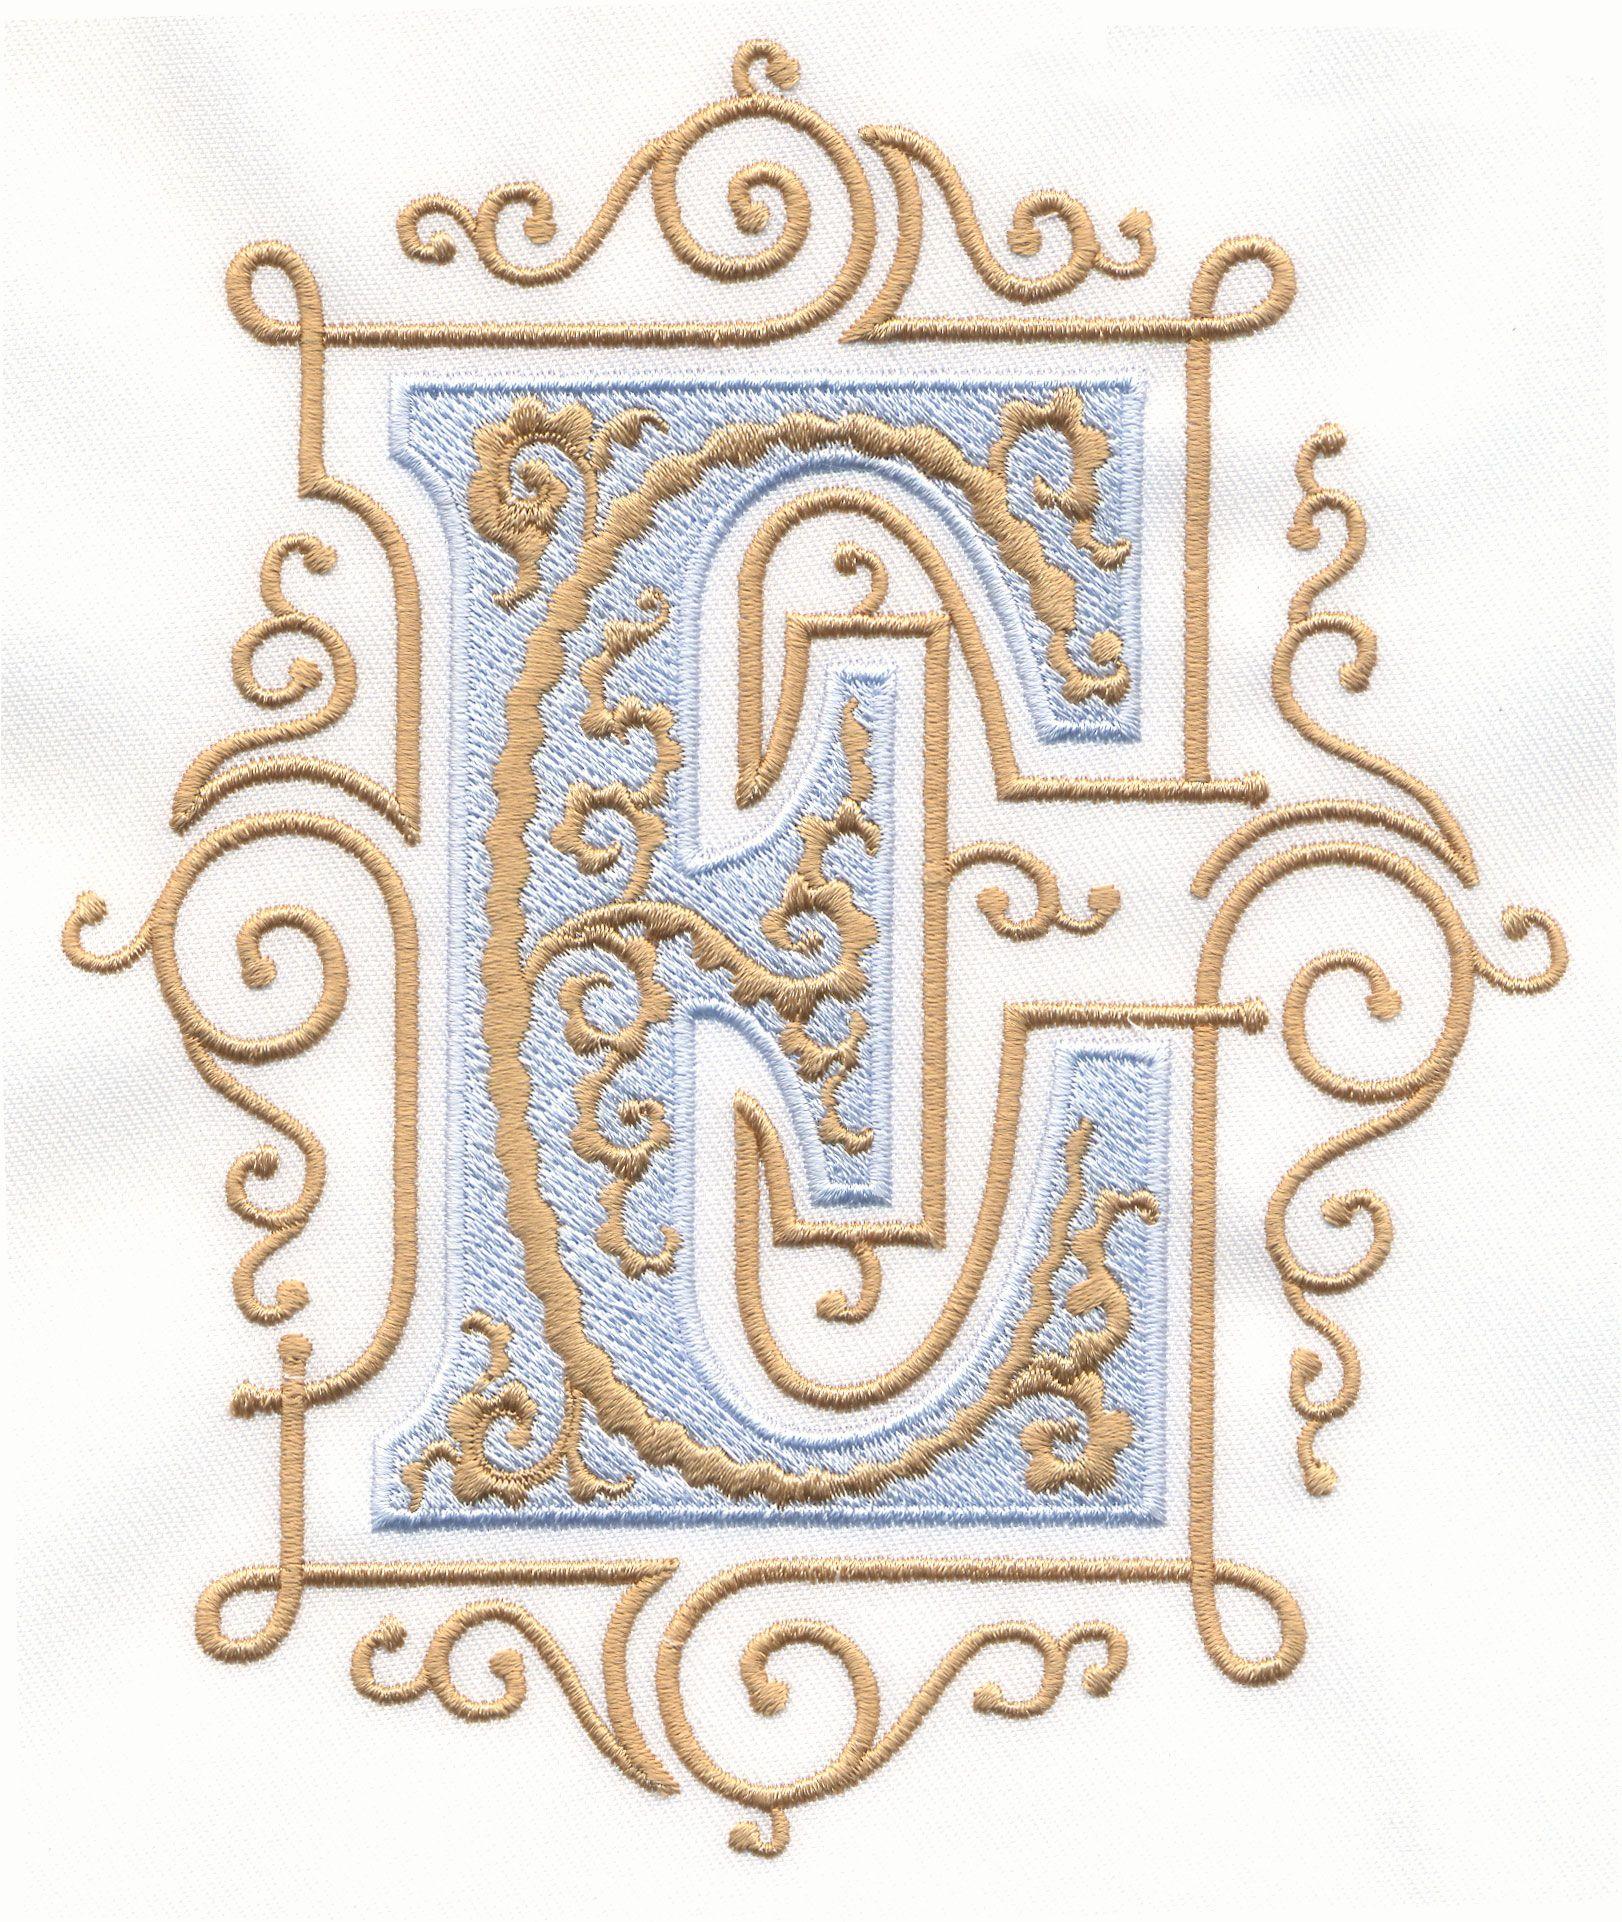 Vintage royal alphabet accent designs alphabets e